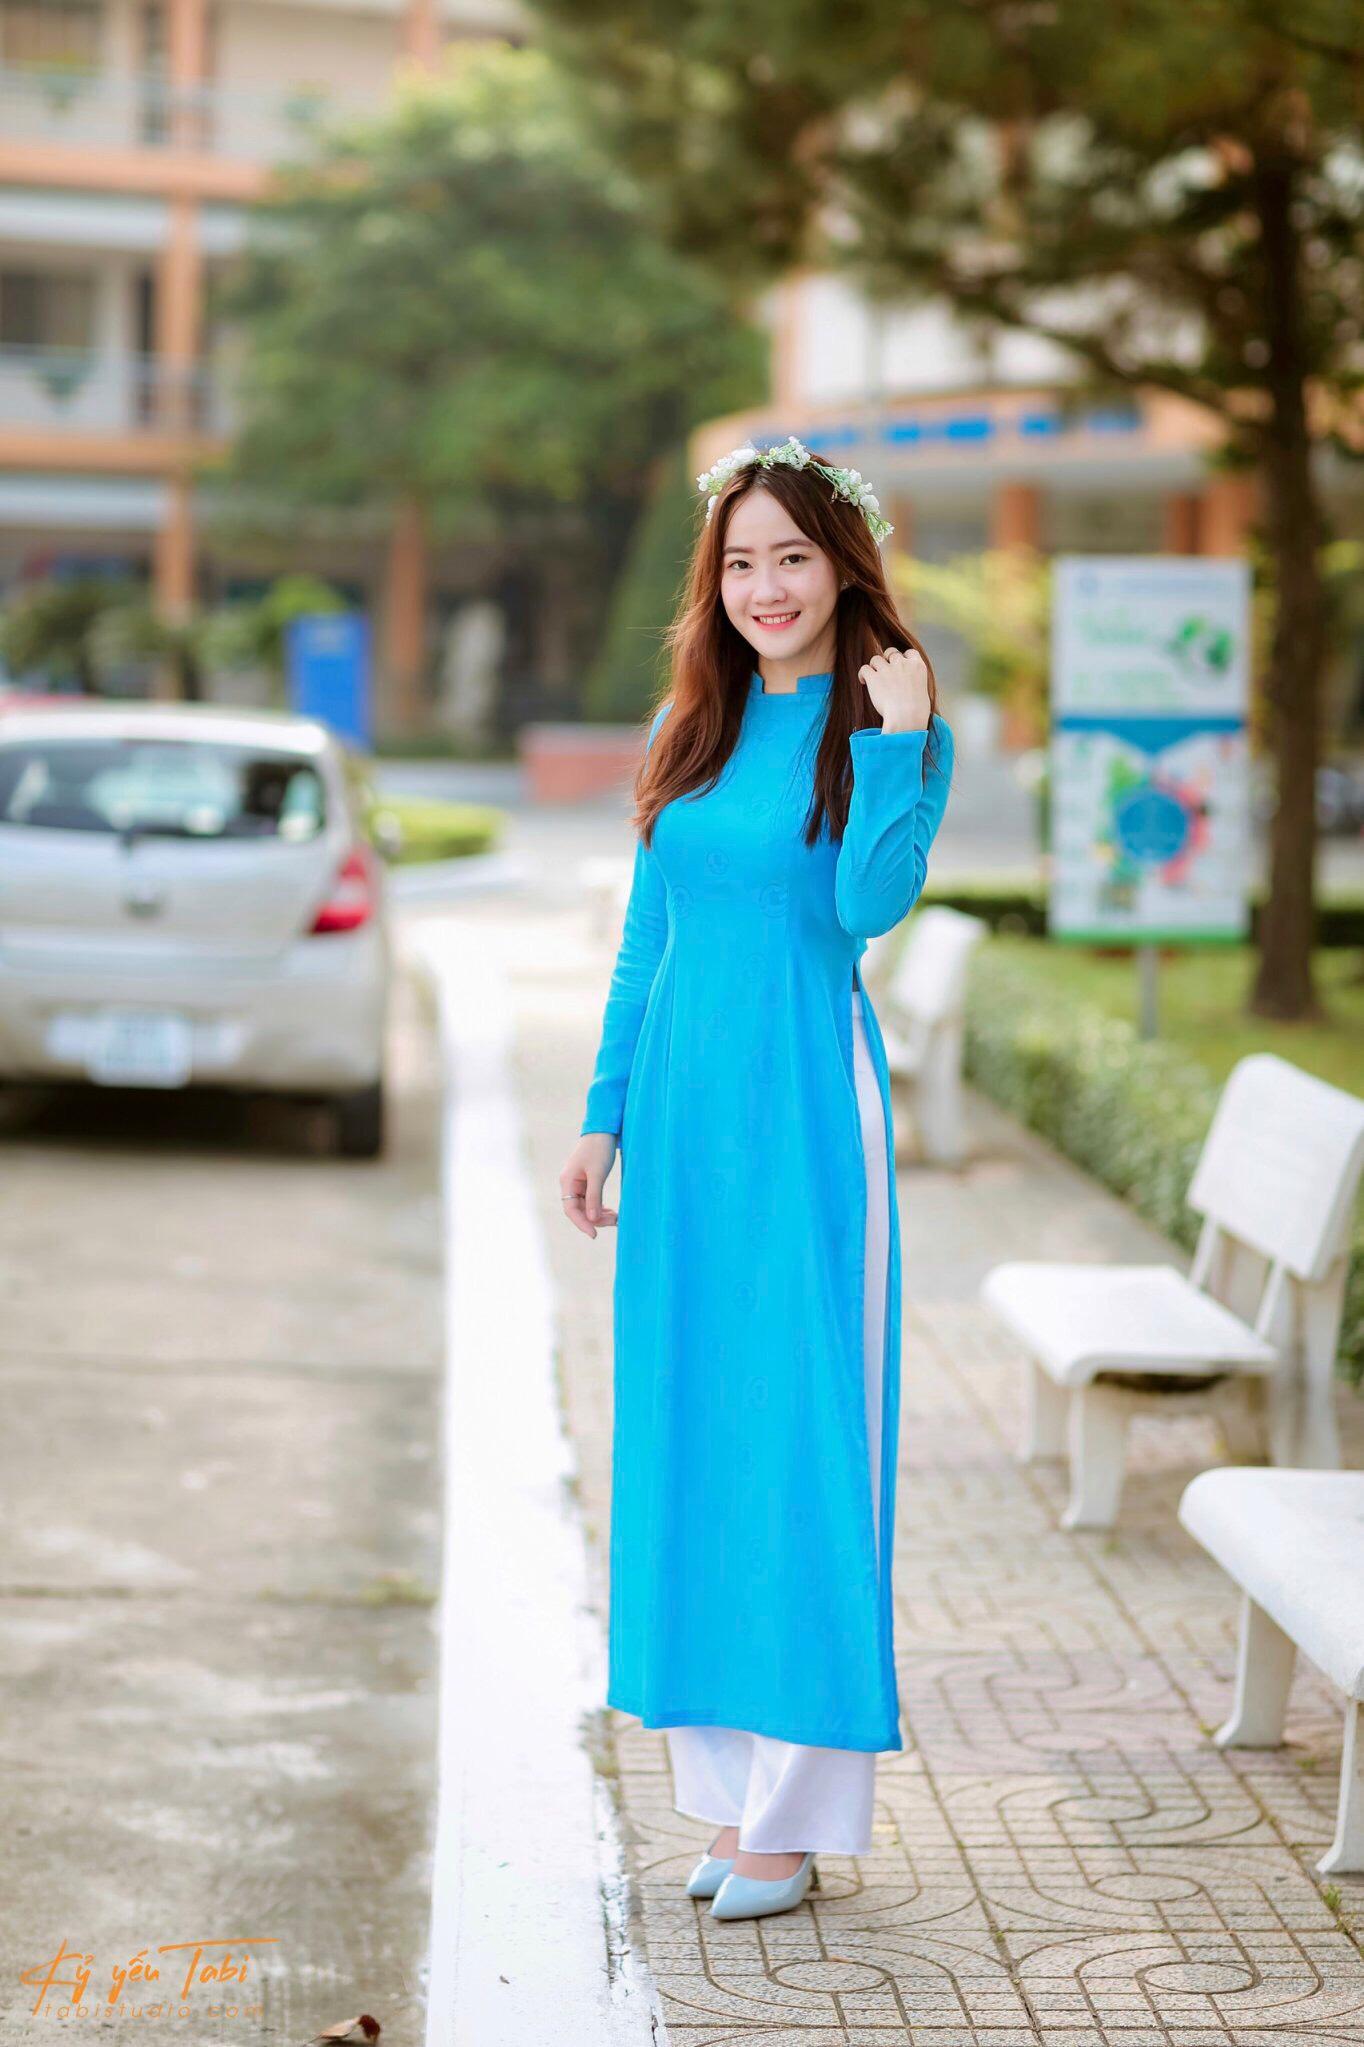 PHẠM THỊ MỸ NAY - cô gái Bình Định vừa hồng vừa chuyên: Phạm Thị Mỹ Nay là sinh viên đến từ lớp DH33NH01, Khoa Ngân Hàng.